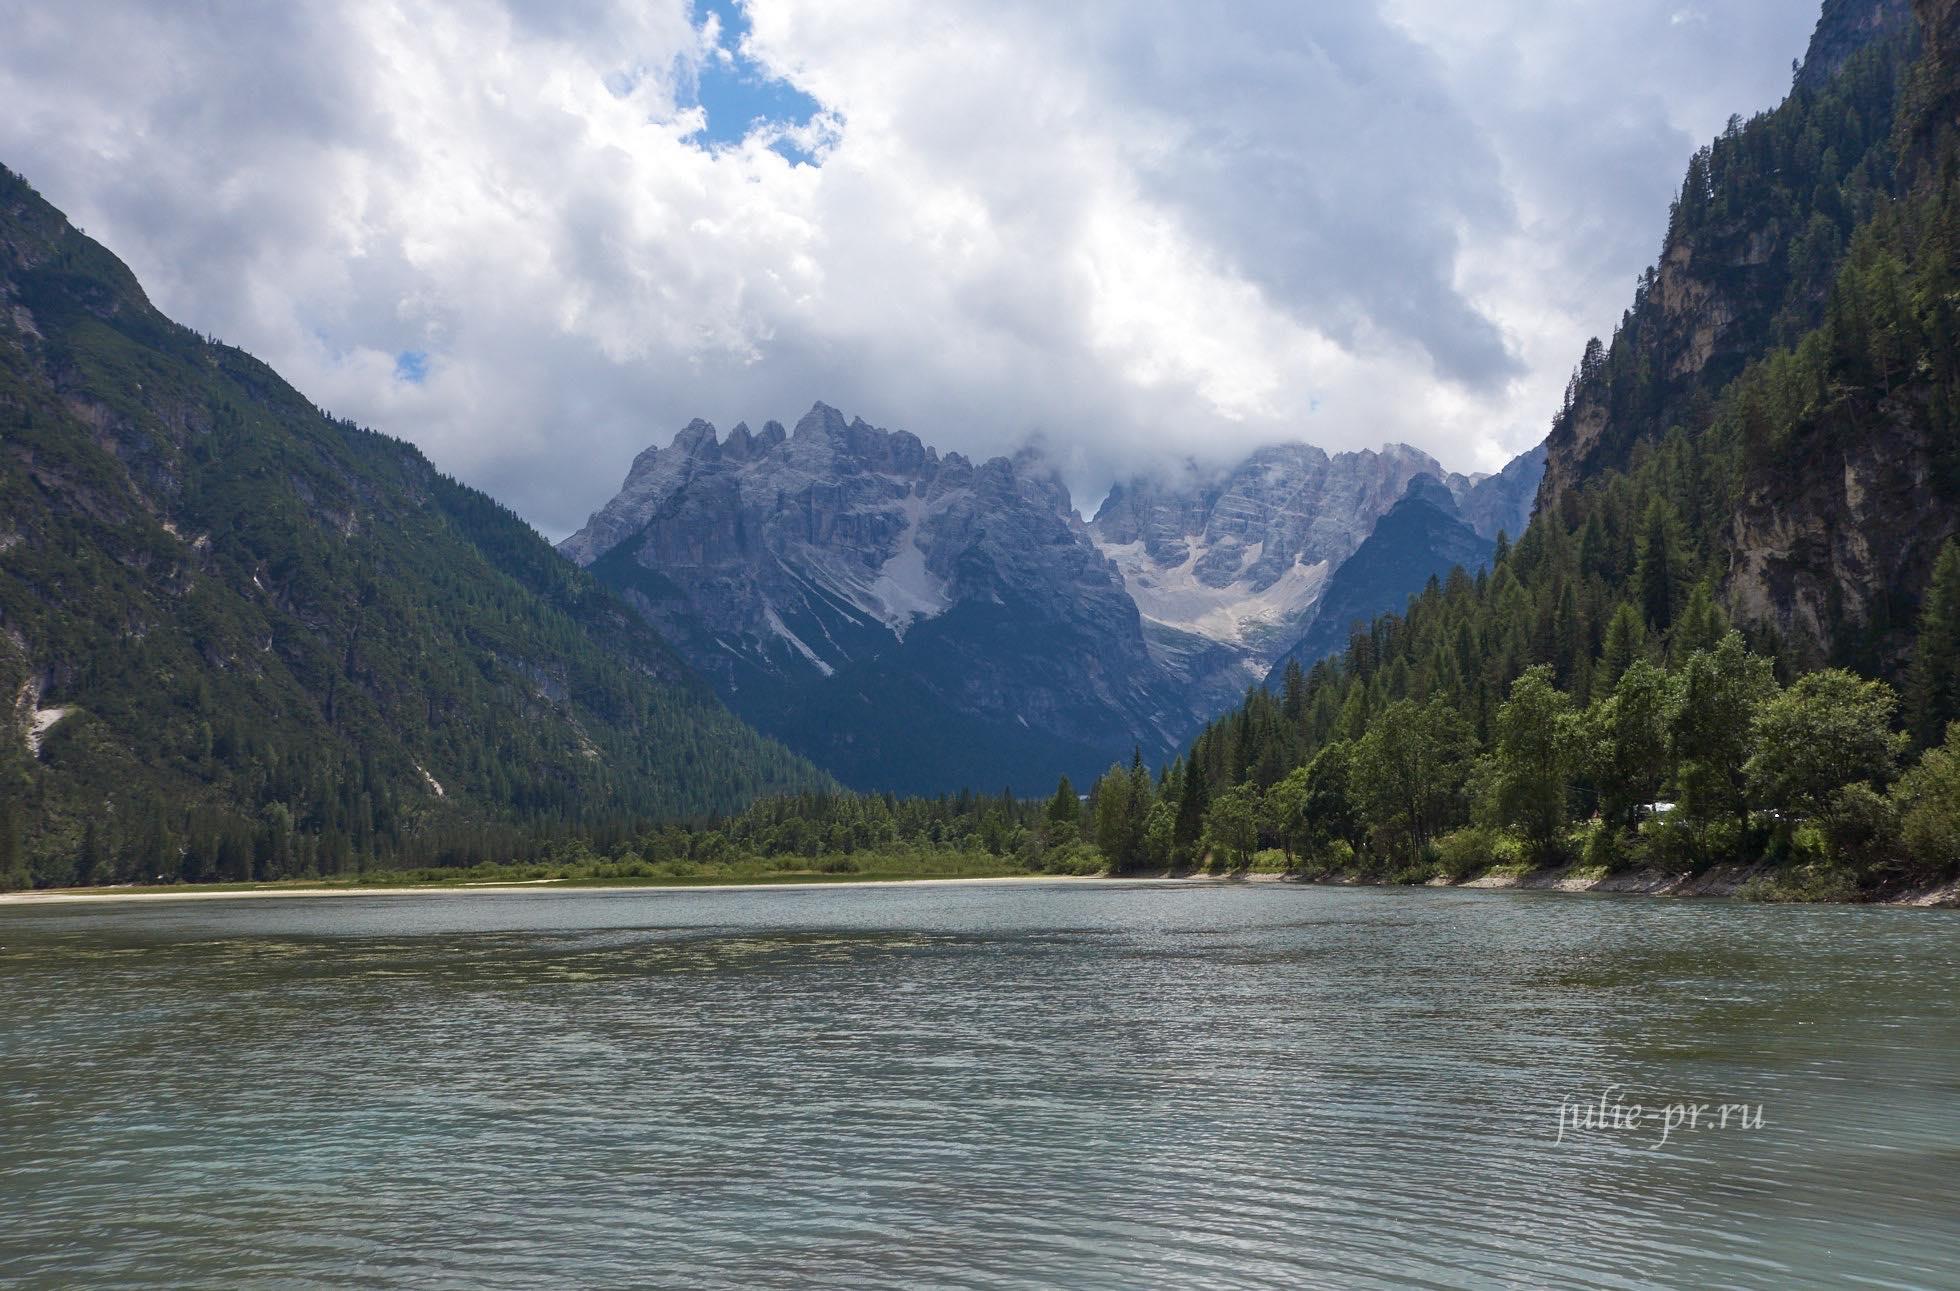 Италия, Альпы, Доломиты, Lago di Landro